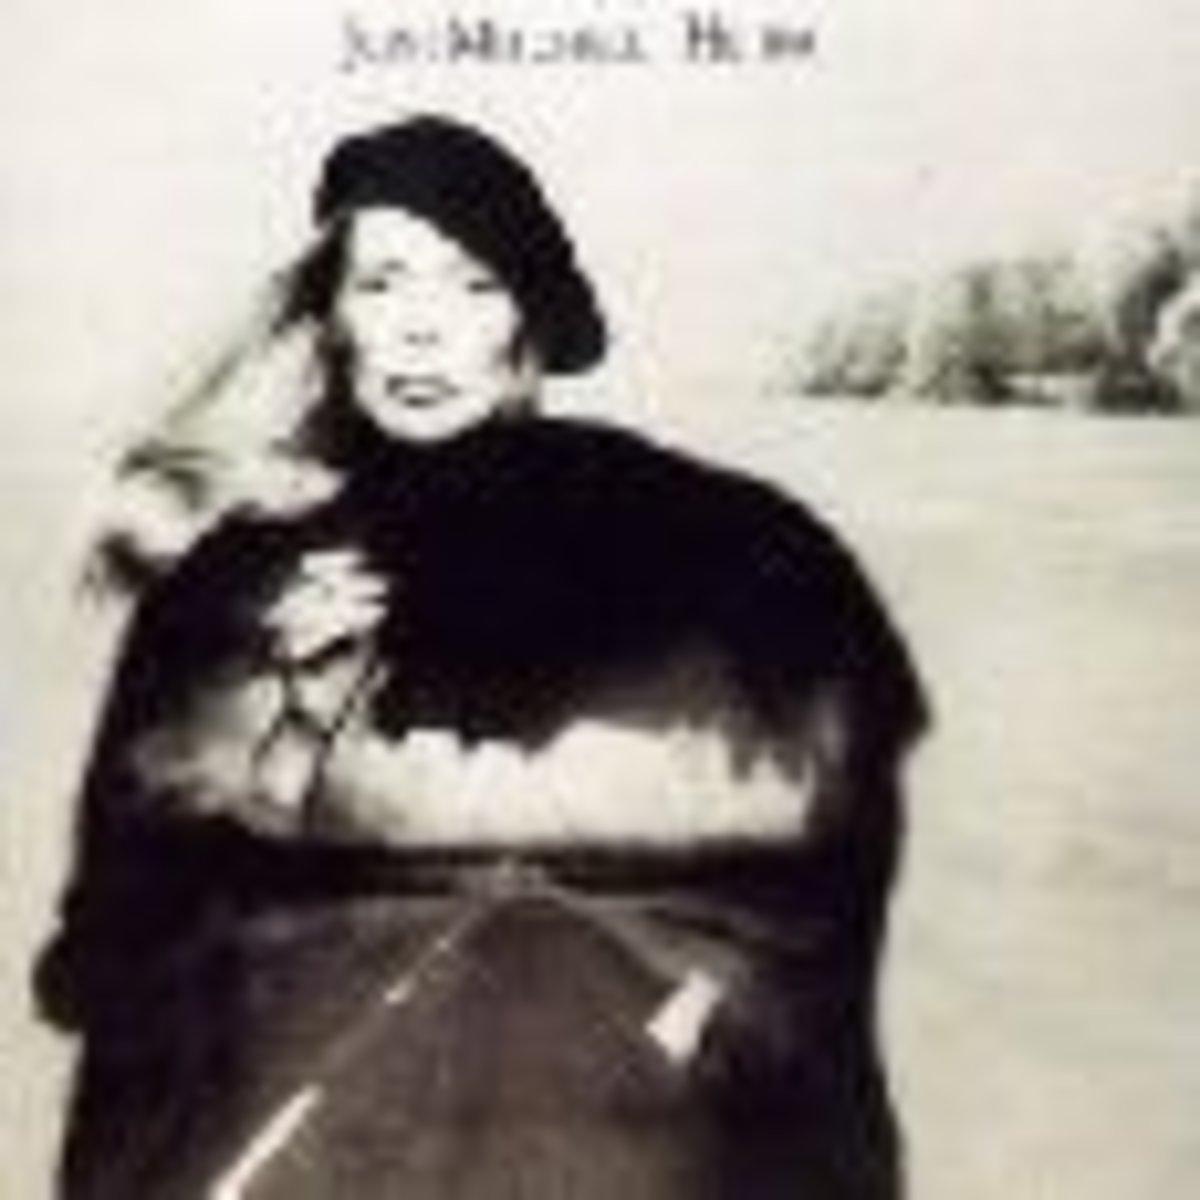 Joni Mitchell 10 best albums Hejira